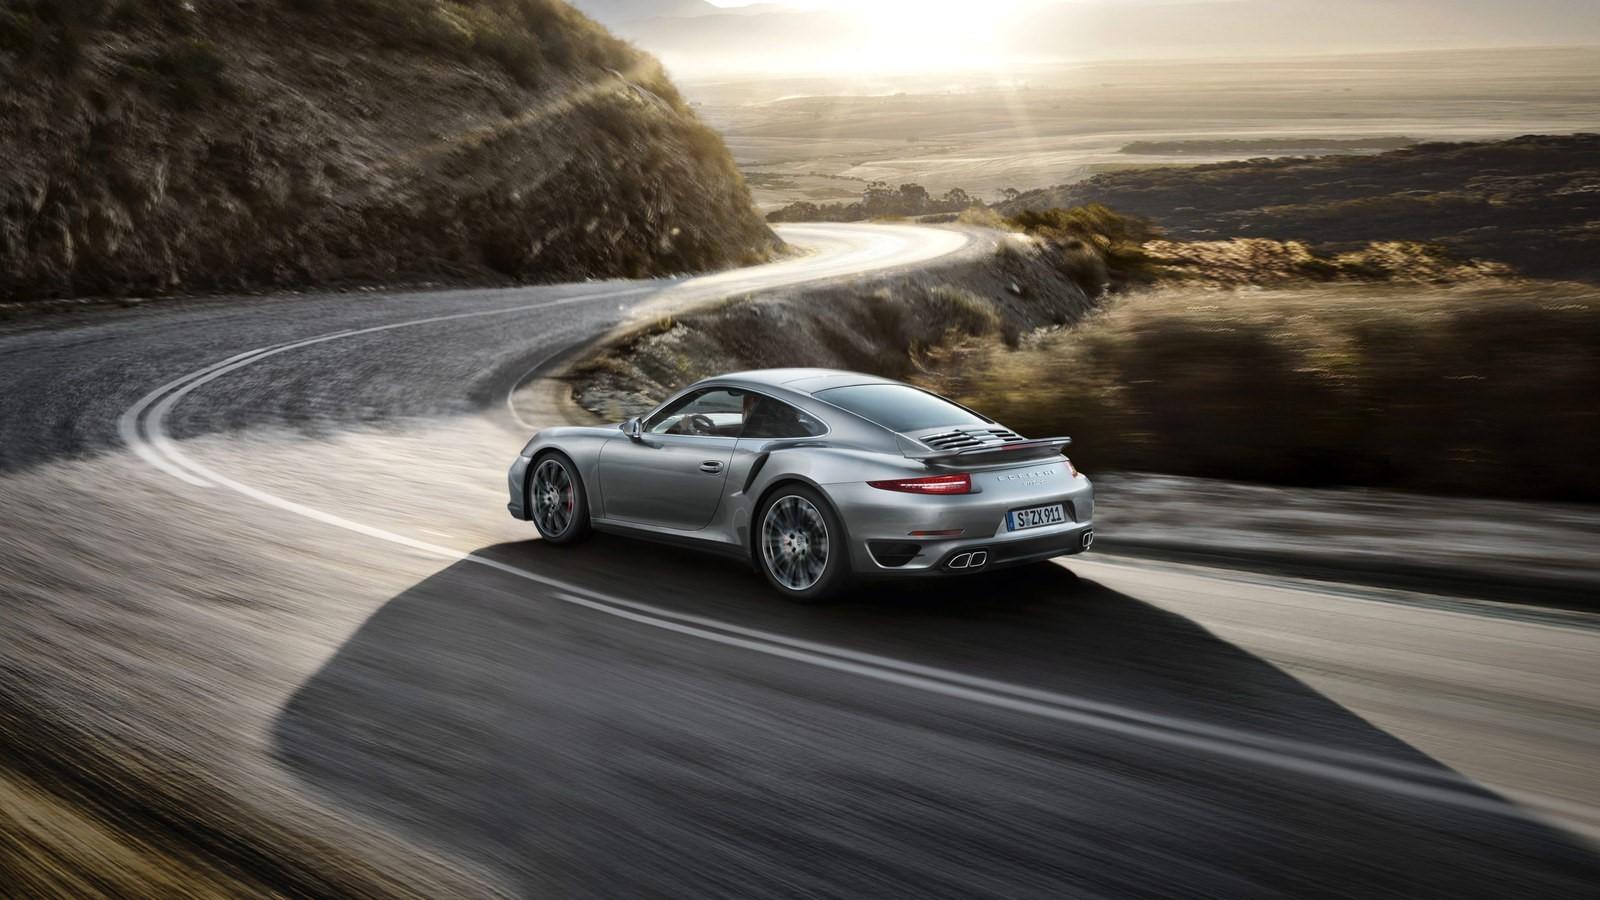 Porsche 911 Turbo Desktop Wallpapers